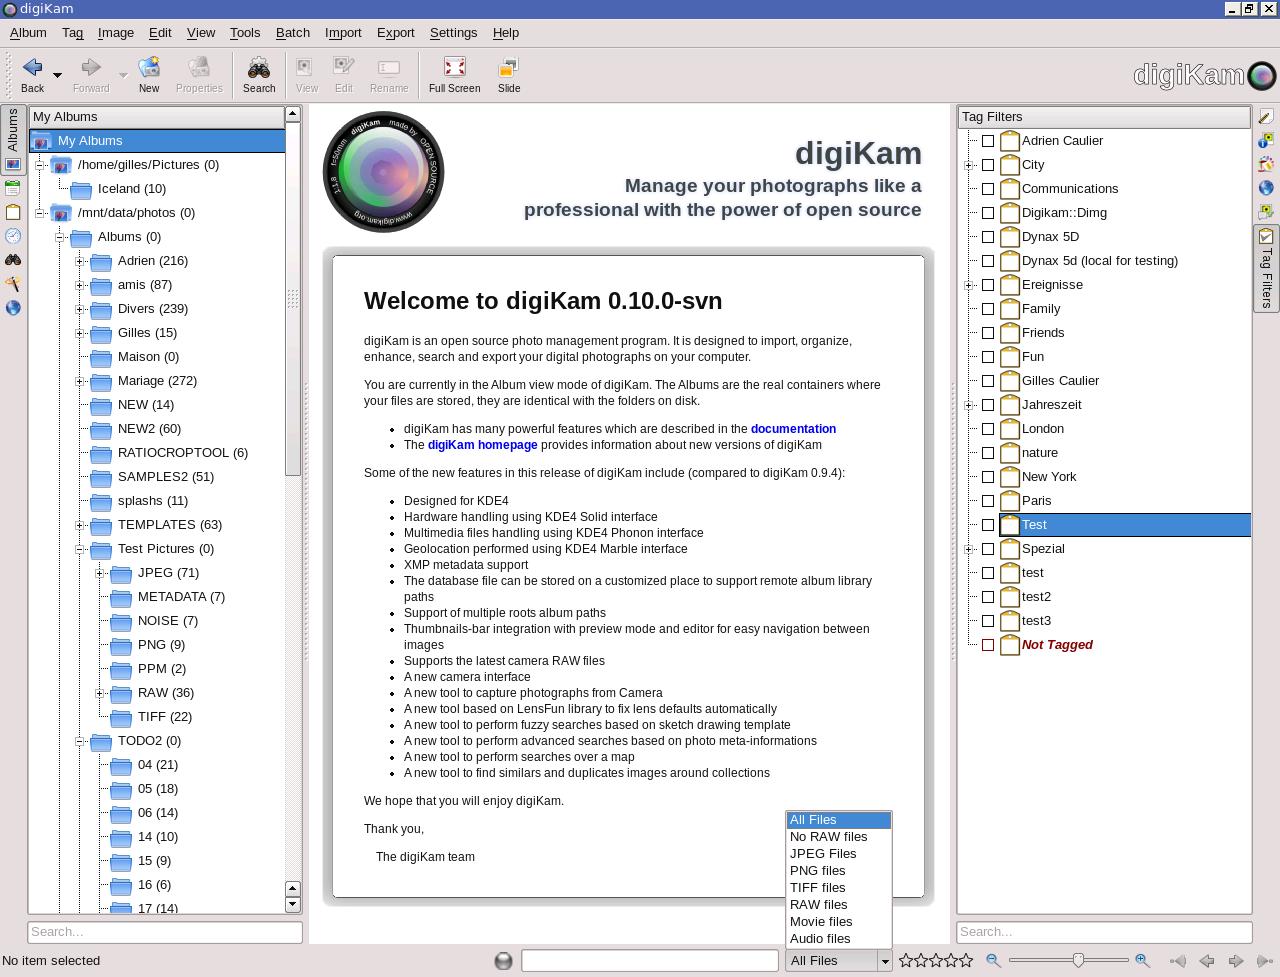 digiKam - digikam org re-designed